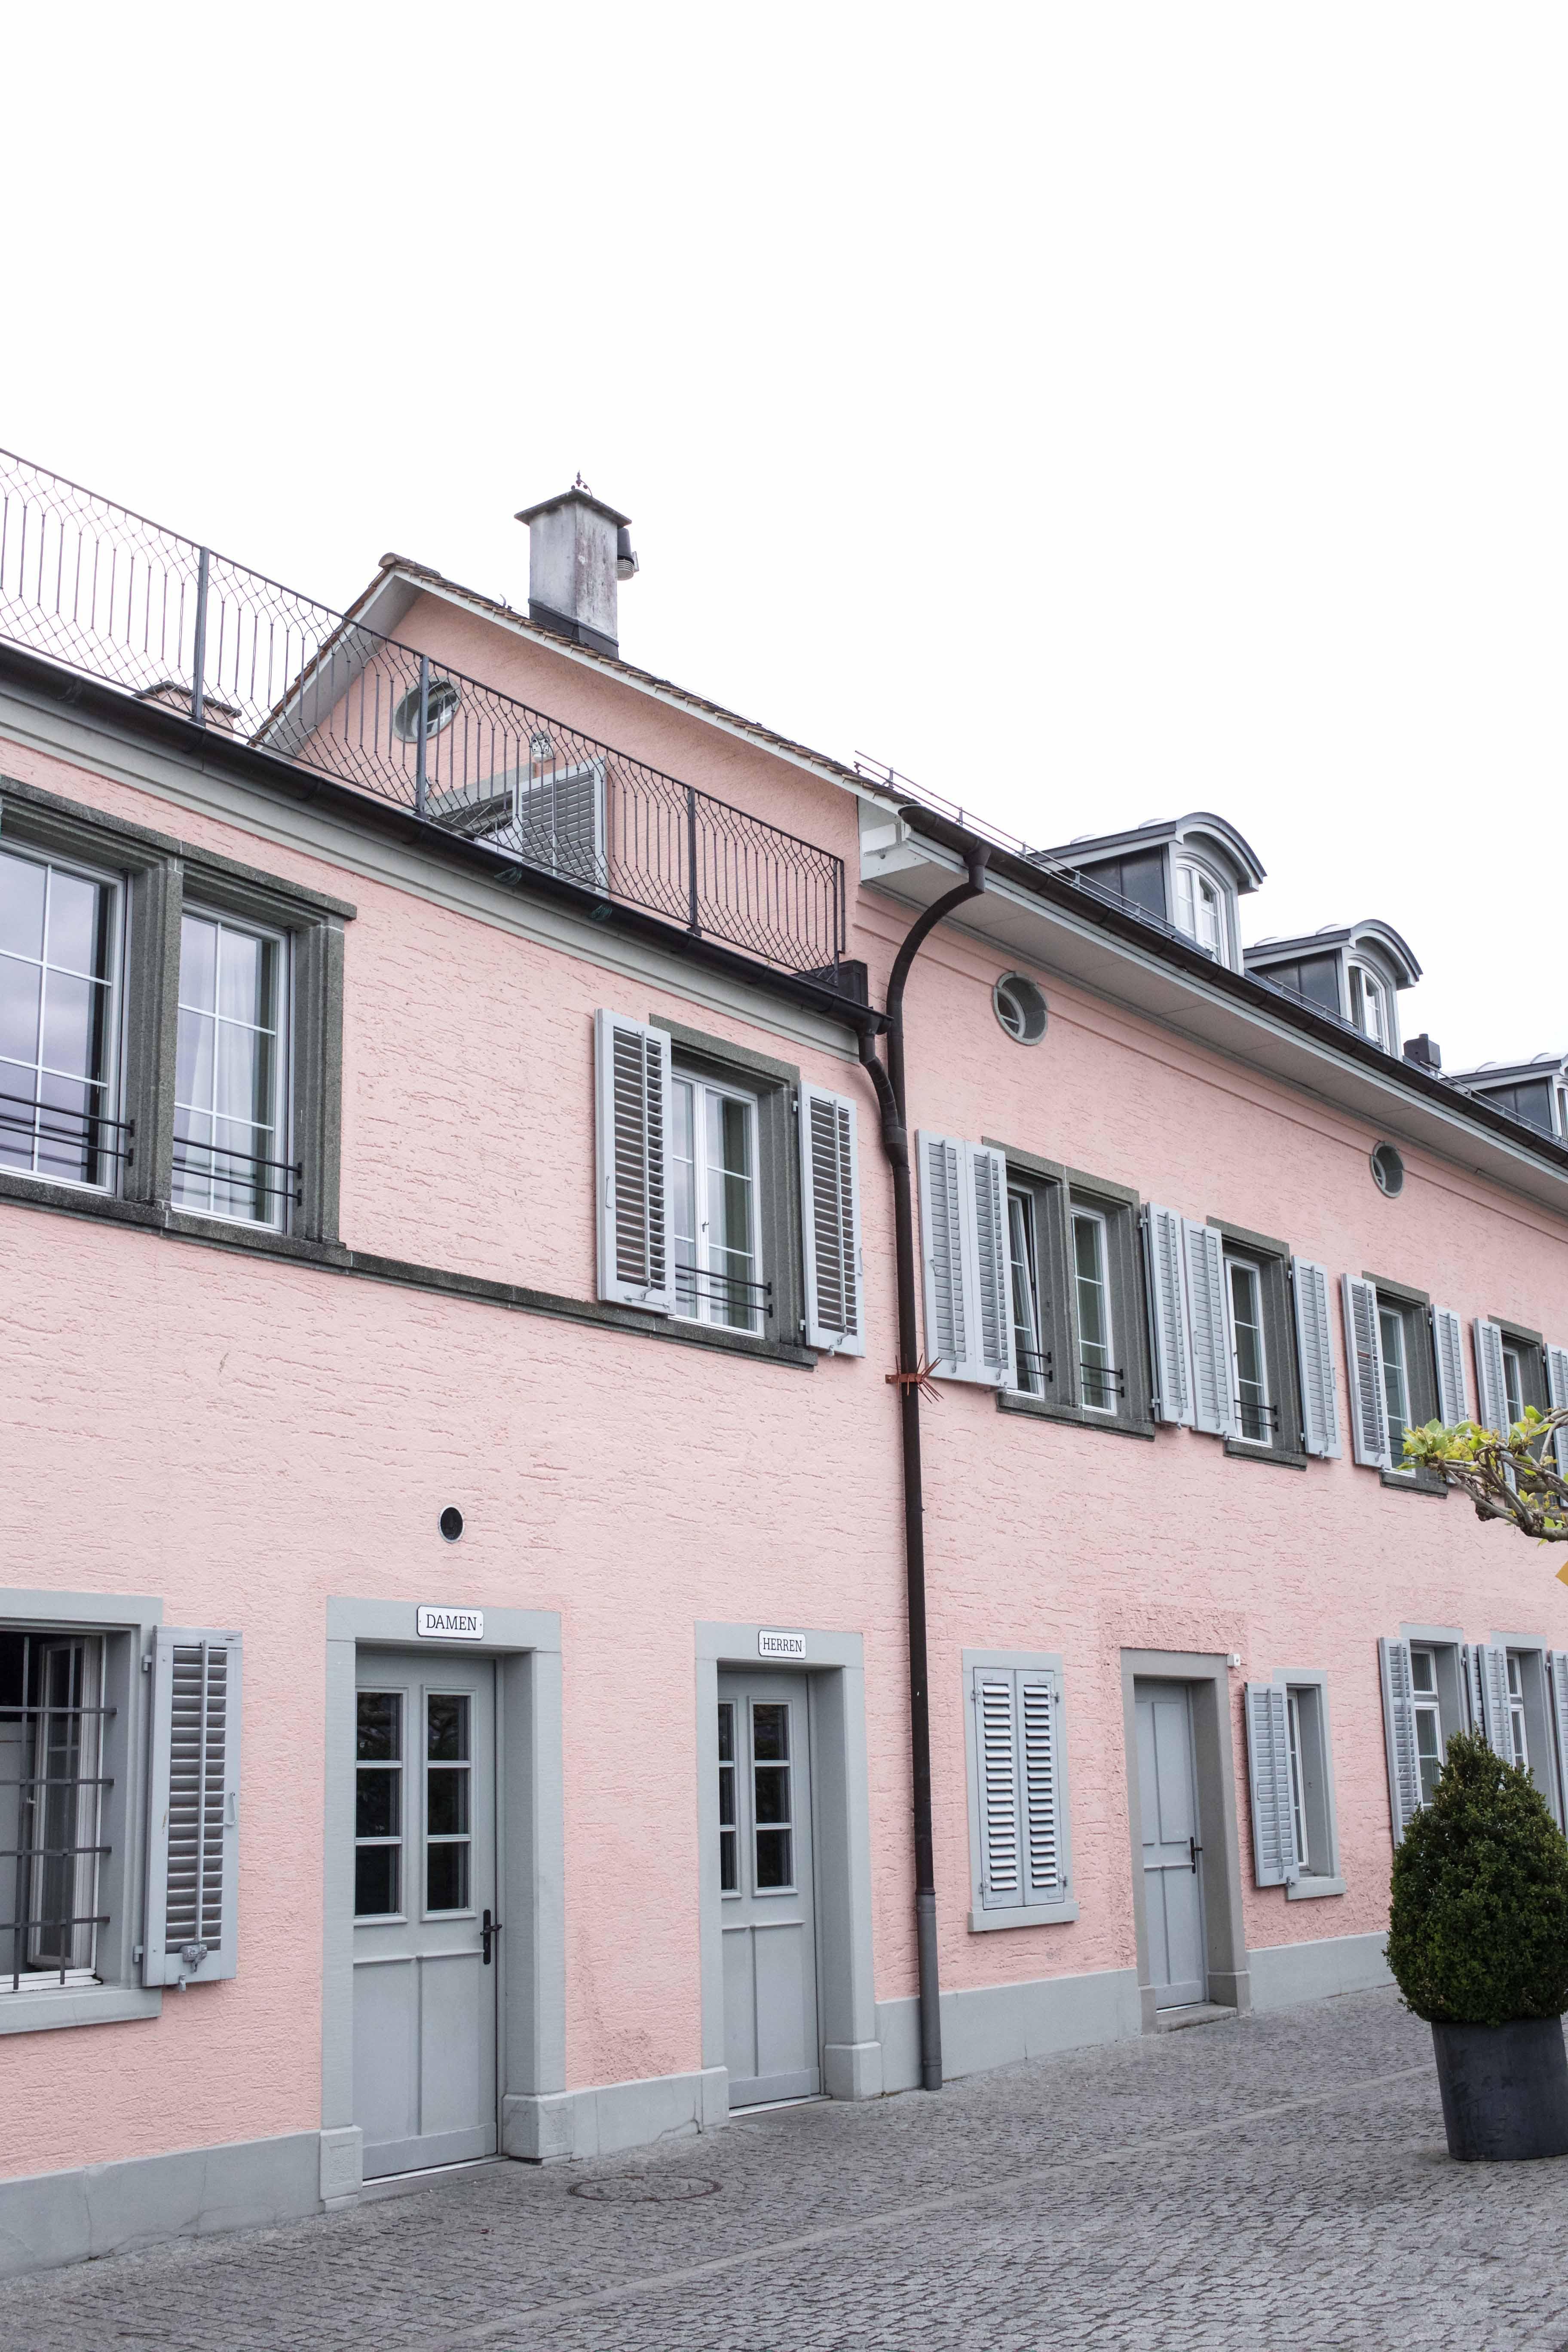 Hotelreview-Hotelempfehlung-Zürich-Küsnacht-Romantik-Hotels-Seehotel-Sonne_6937